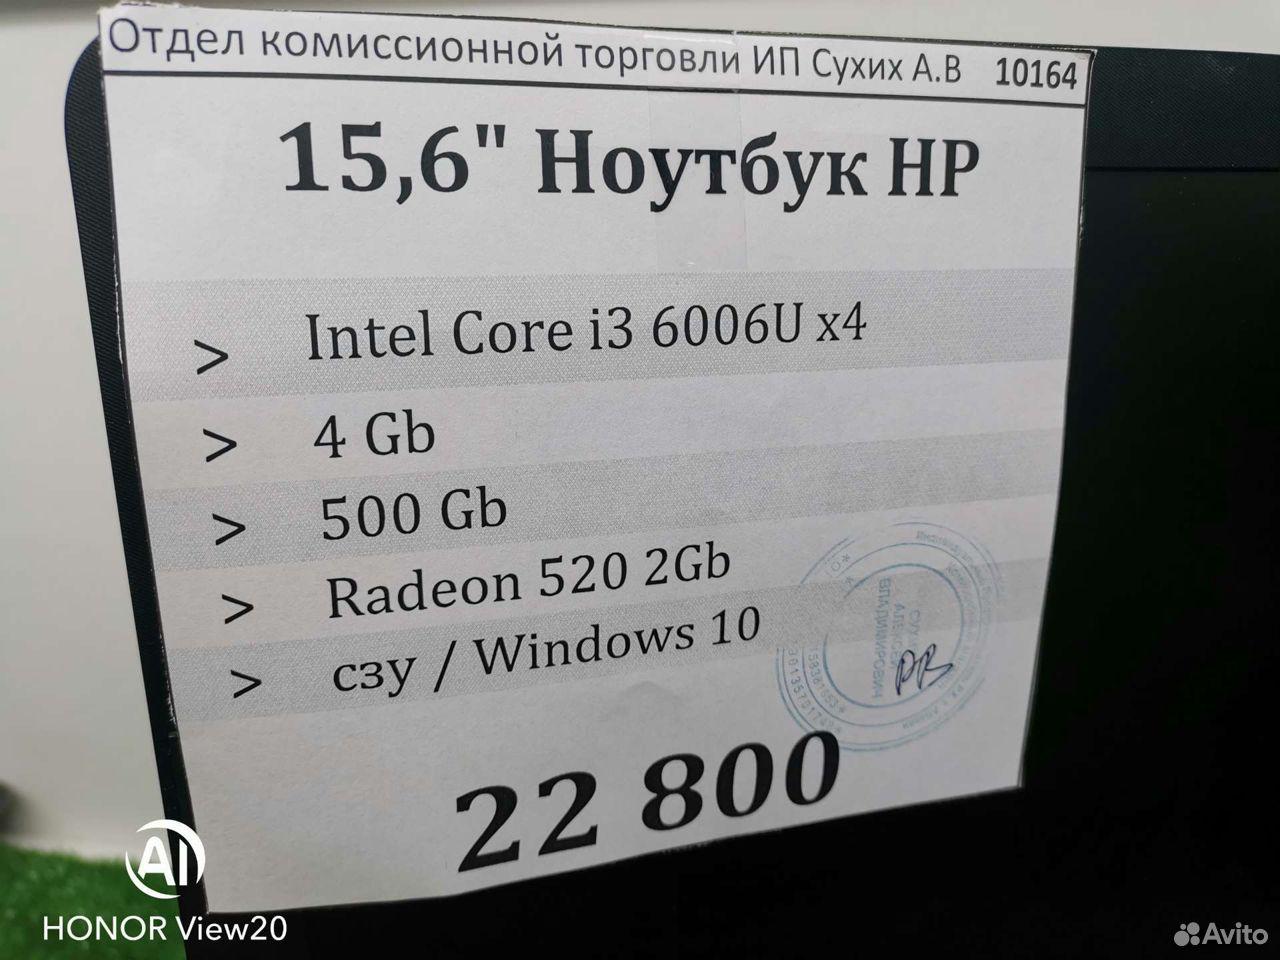 HP i3 6006U